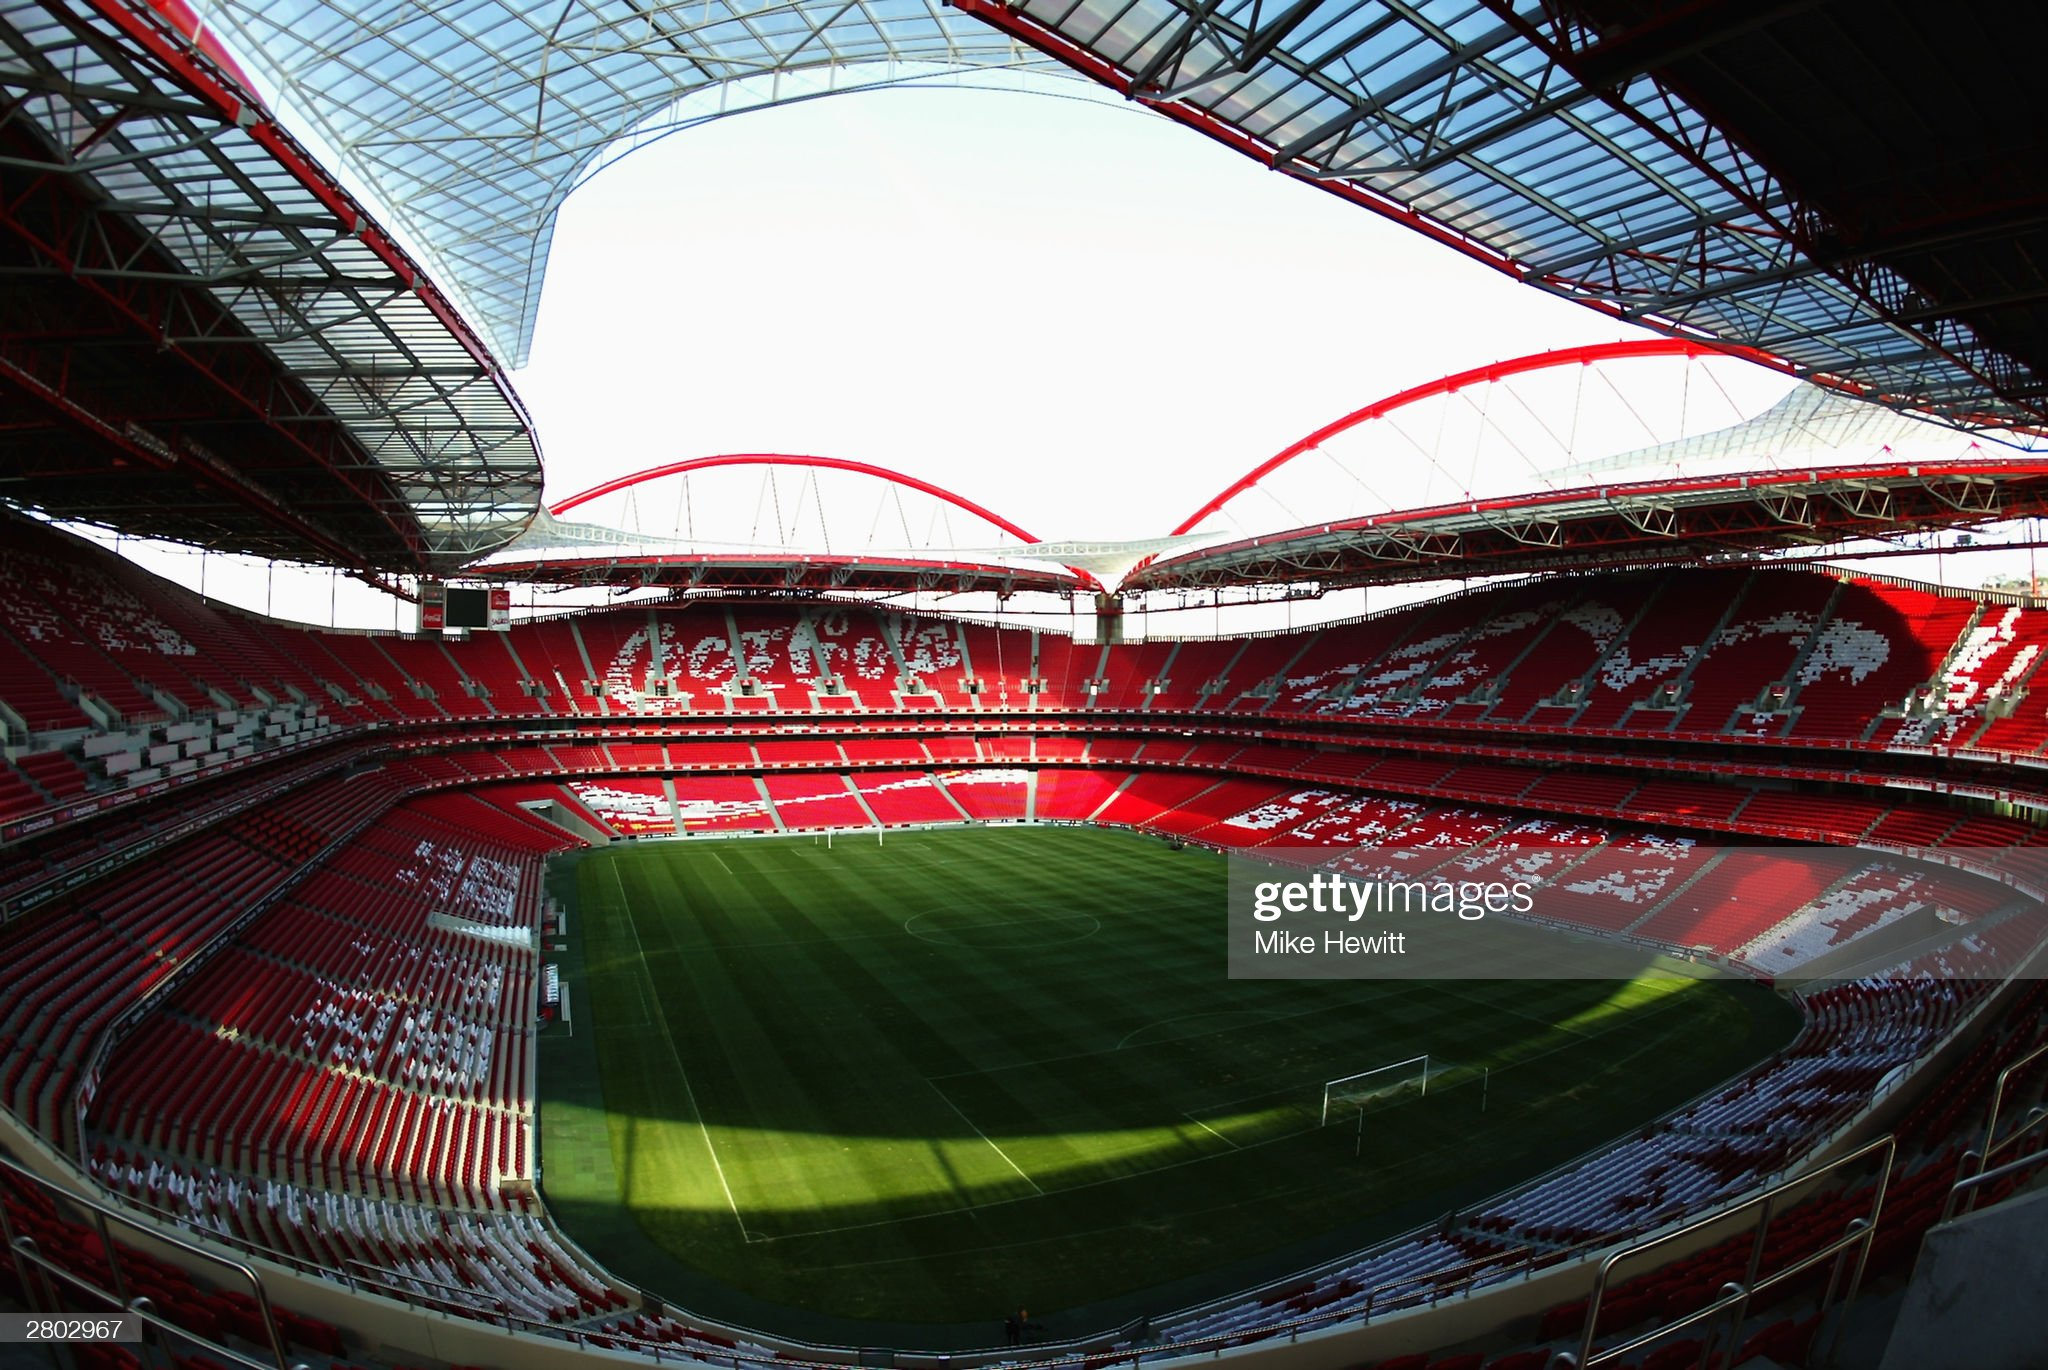 Euro 2004 Stadium General Views : ニュース写真